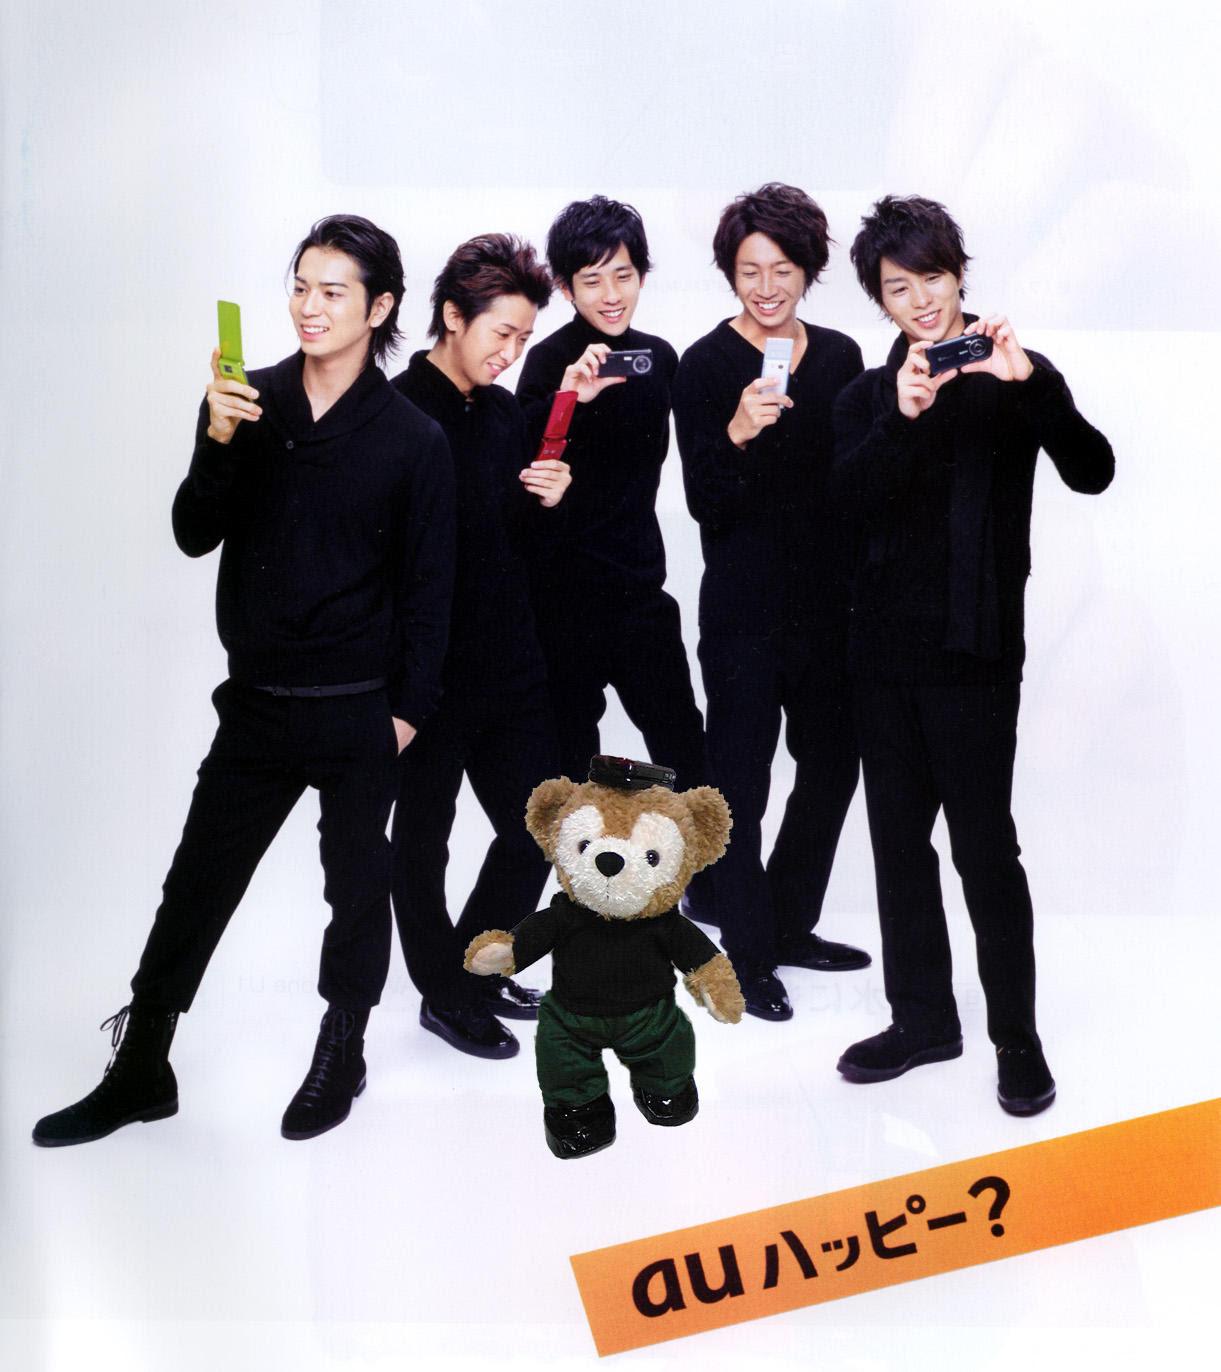 相葉 雅紀 大好き 2010年08月